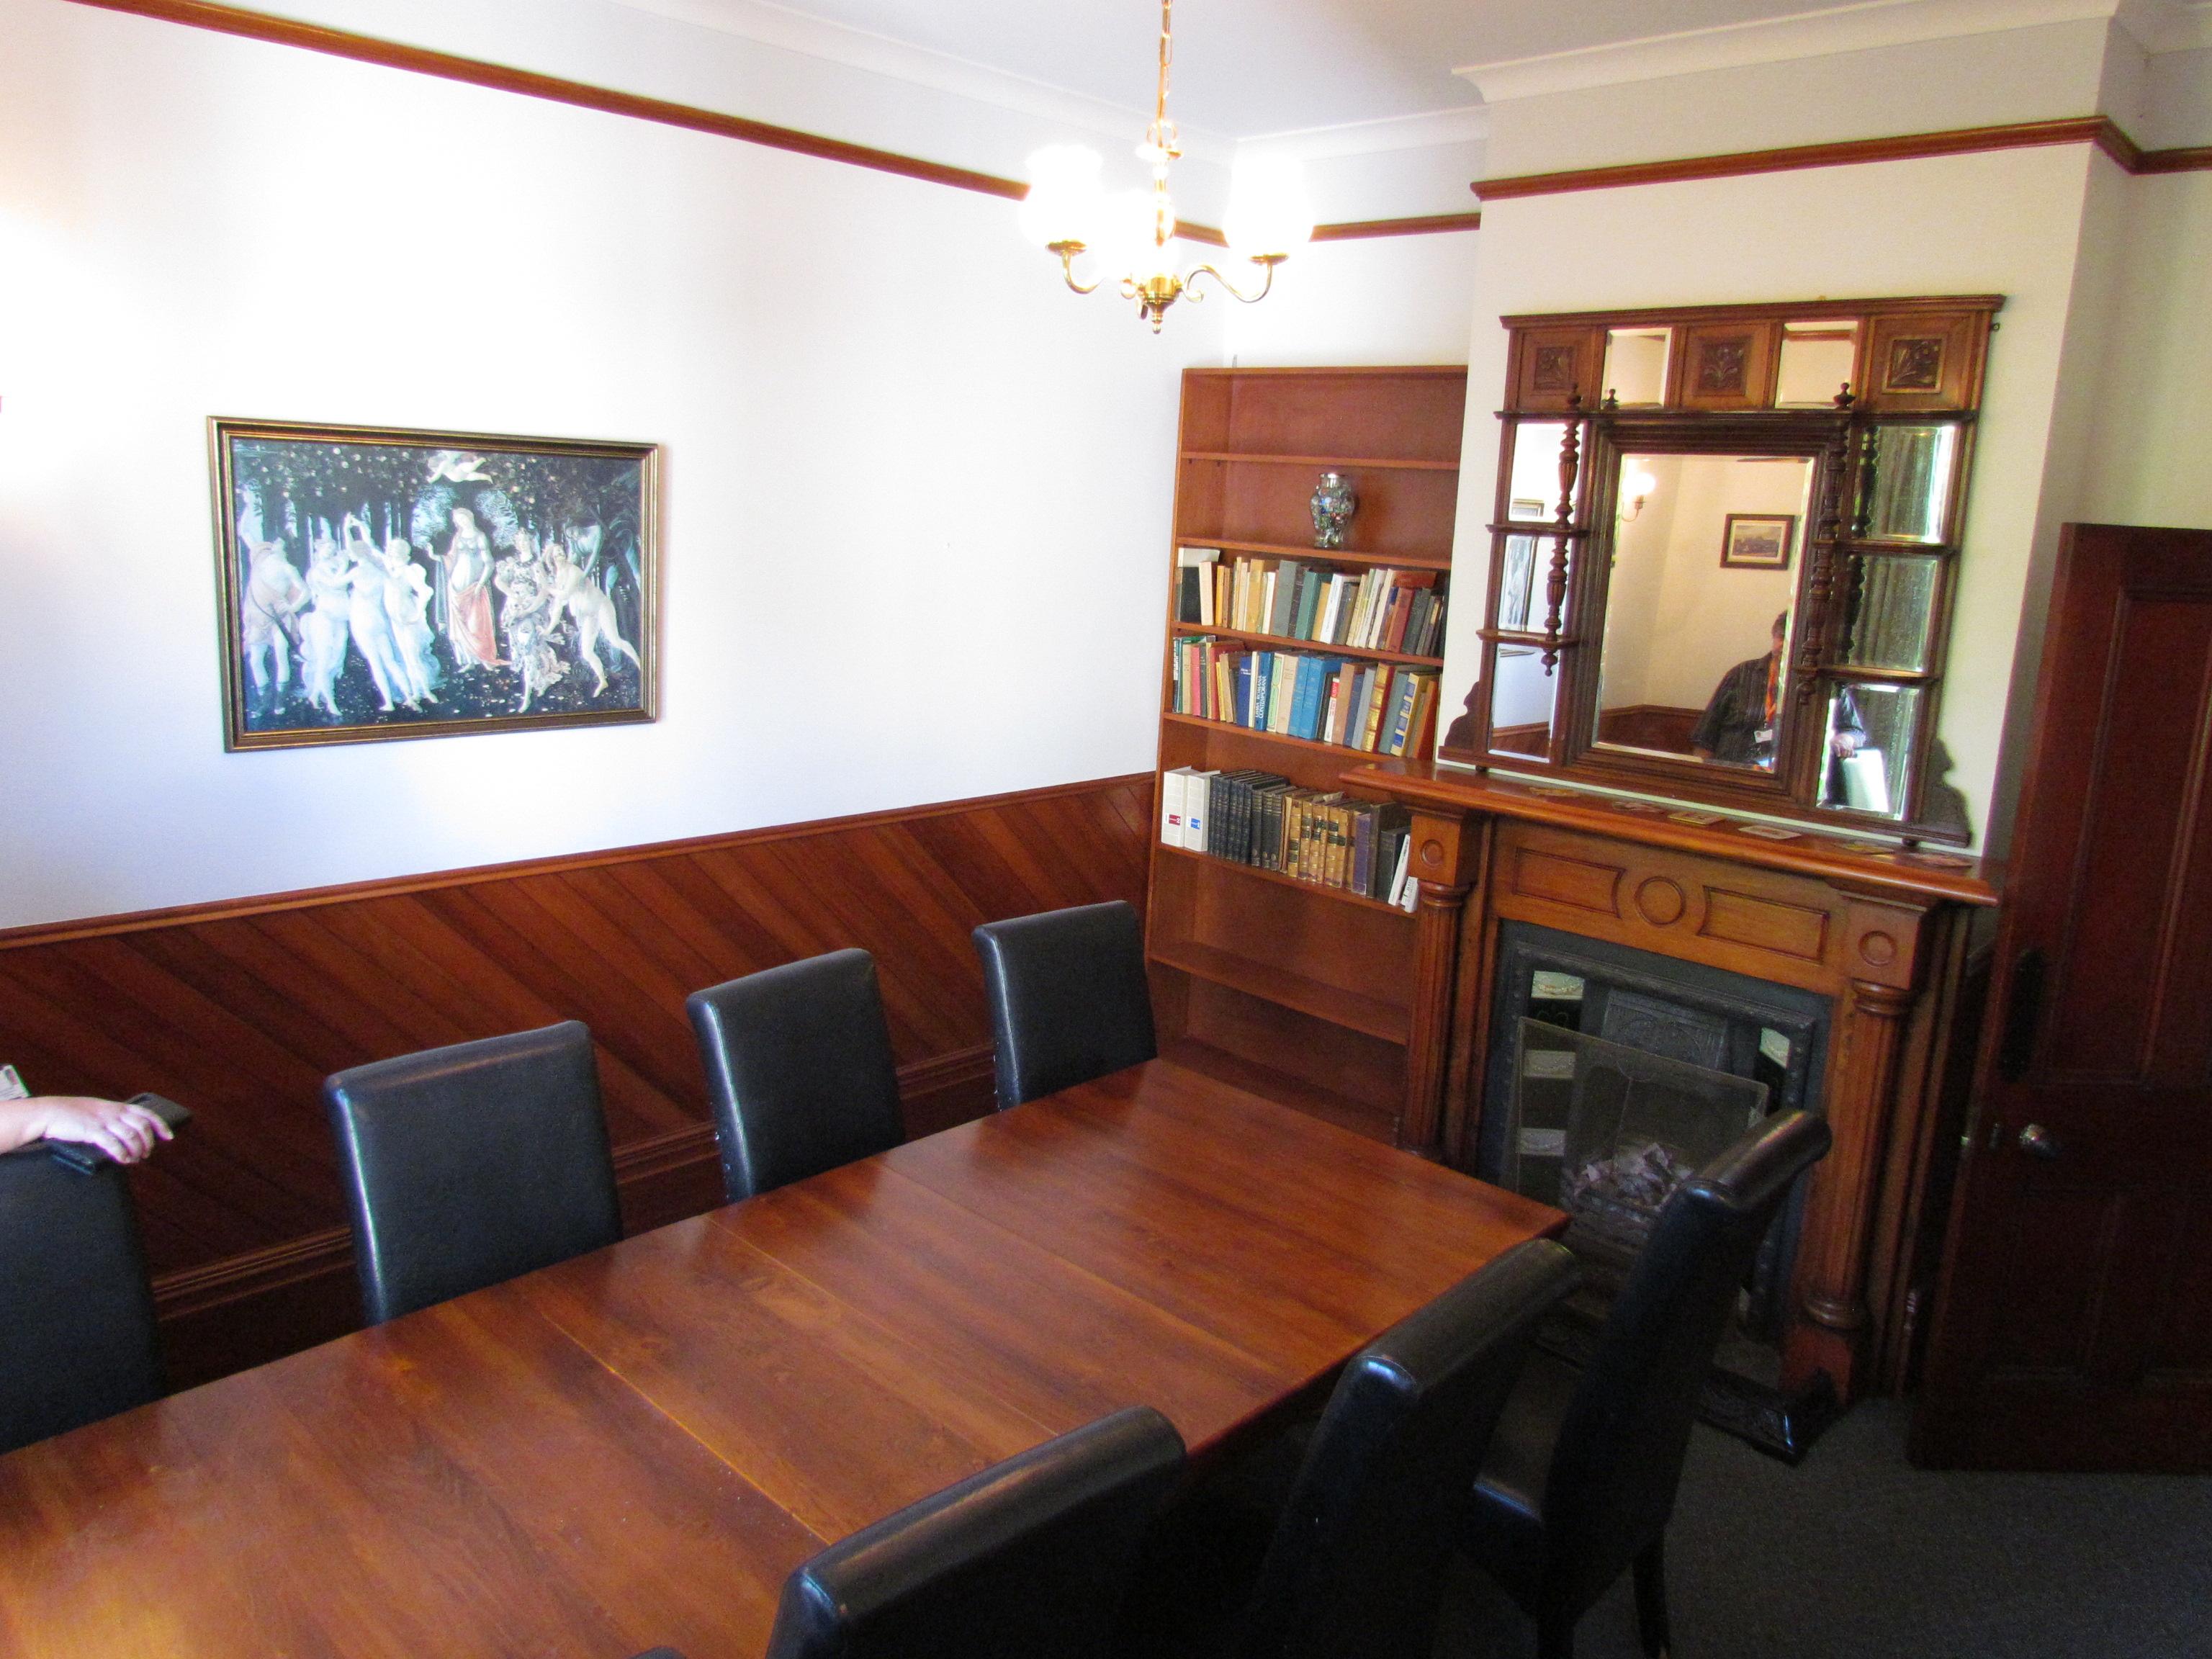 102 board room